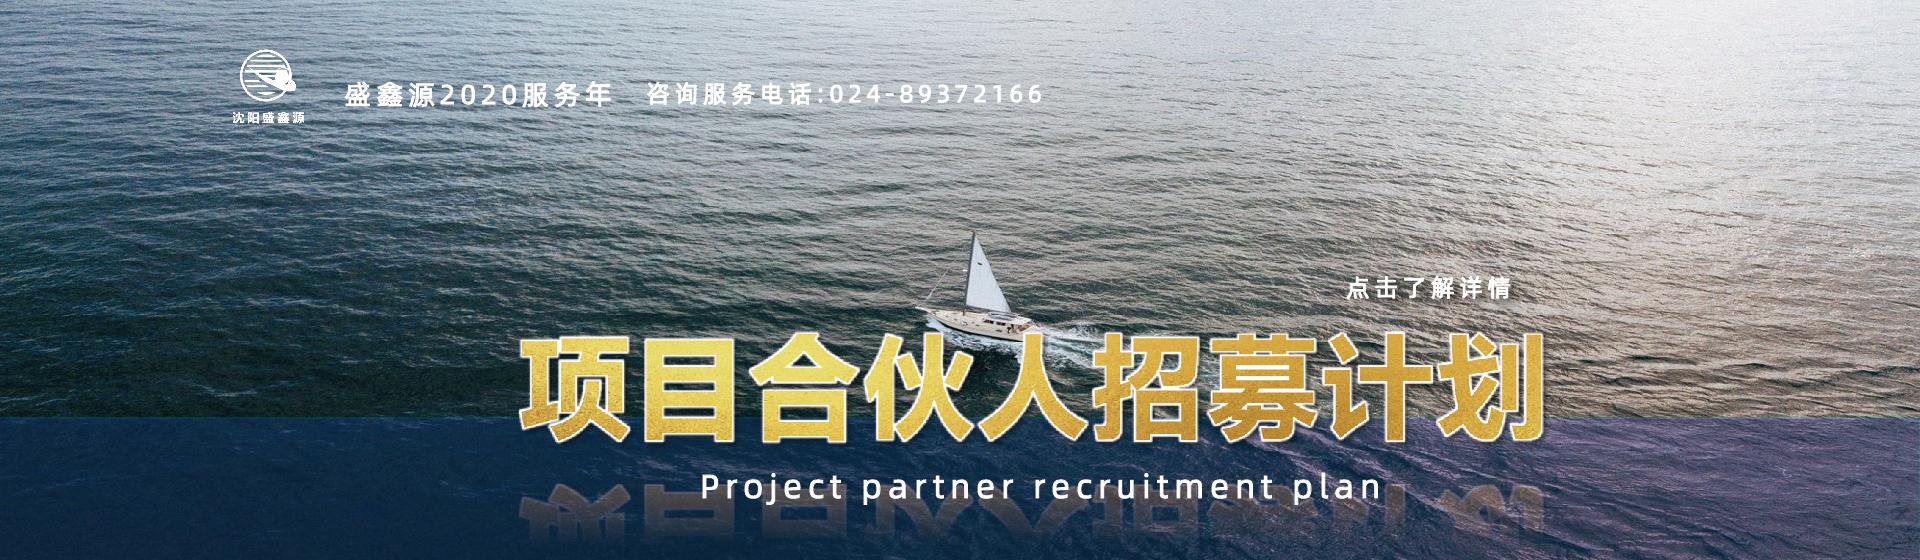 項目合伙人招募計劃